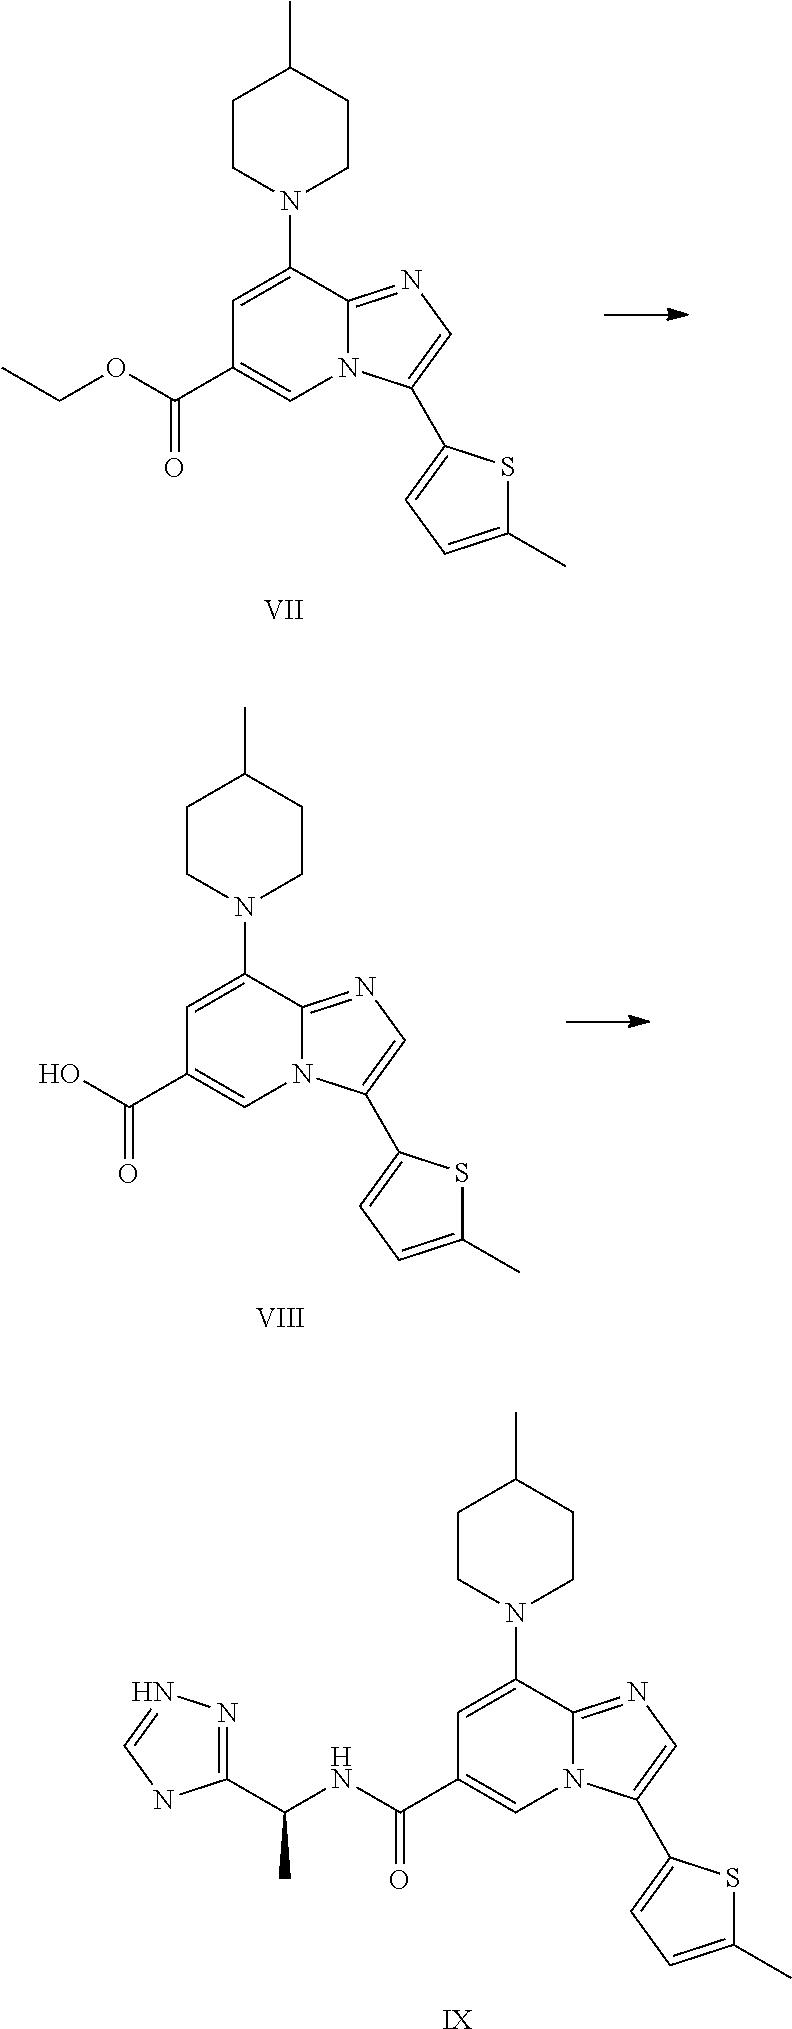 Figure US09908879-20180306-C00053